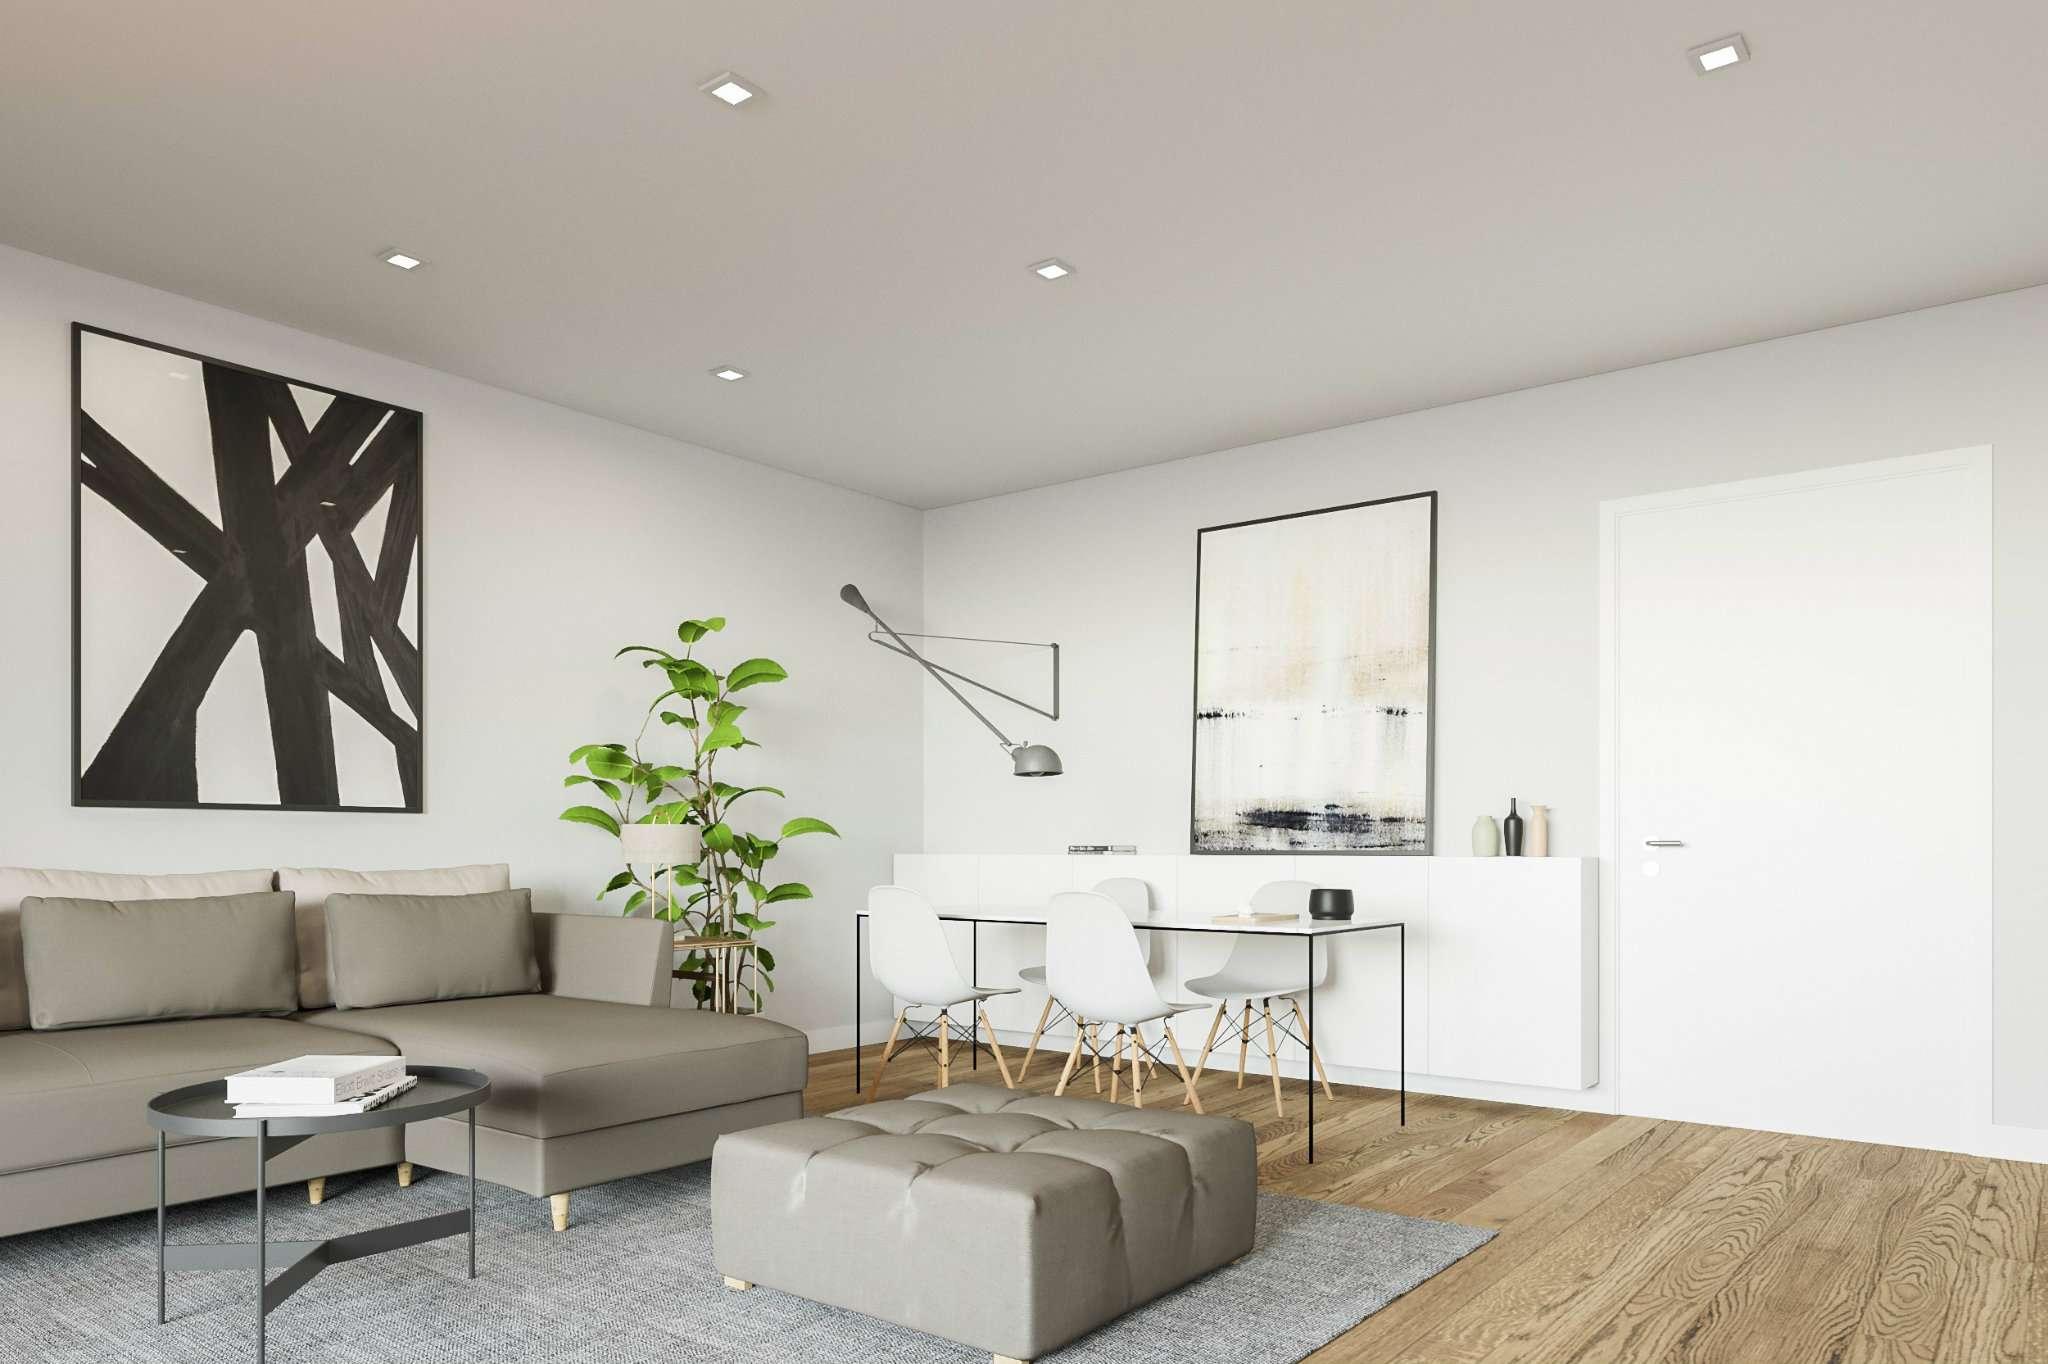 Appartamento in vendita a Roma, 3 locali, zona Zona: 27 . Aurelio - Boccea, prezzo € 346.000 | CambioCasa.it